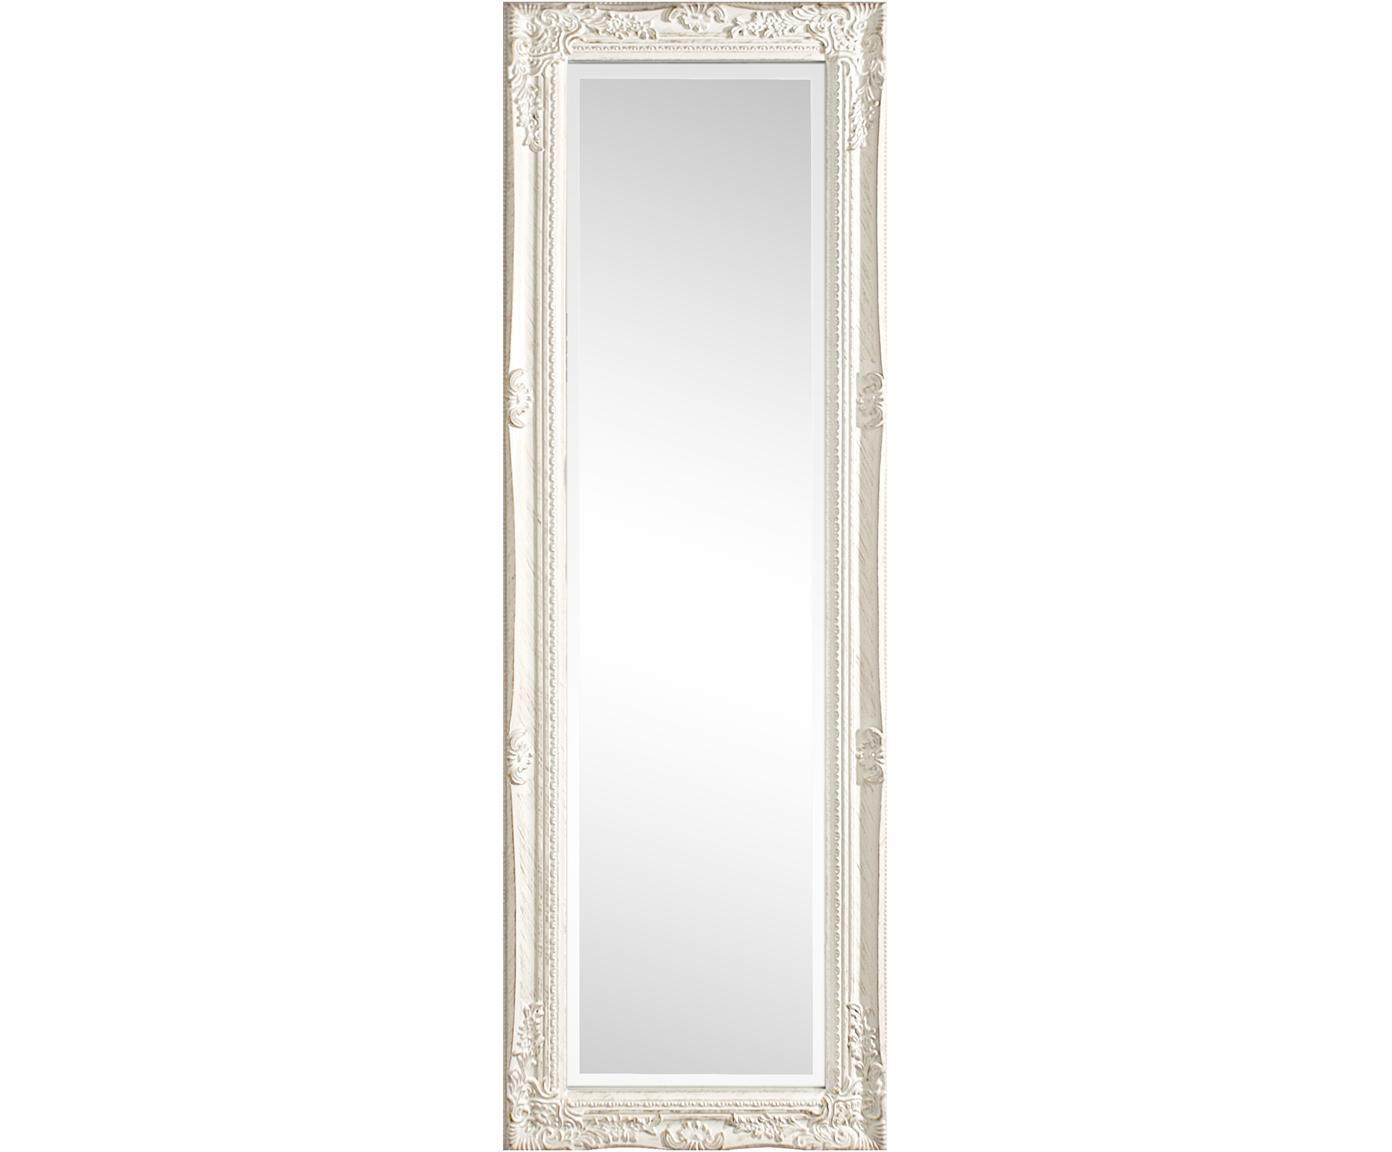 Eckiger Wandspiegel Miro mit weissem Holzrahmen, Rahmen: Holz, beschichtet, Spiegelfläche: Spiegelglas, Weiss, 42 x 132 cm